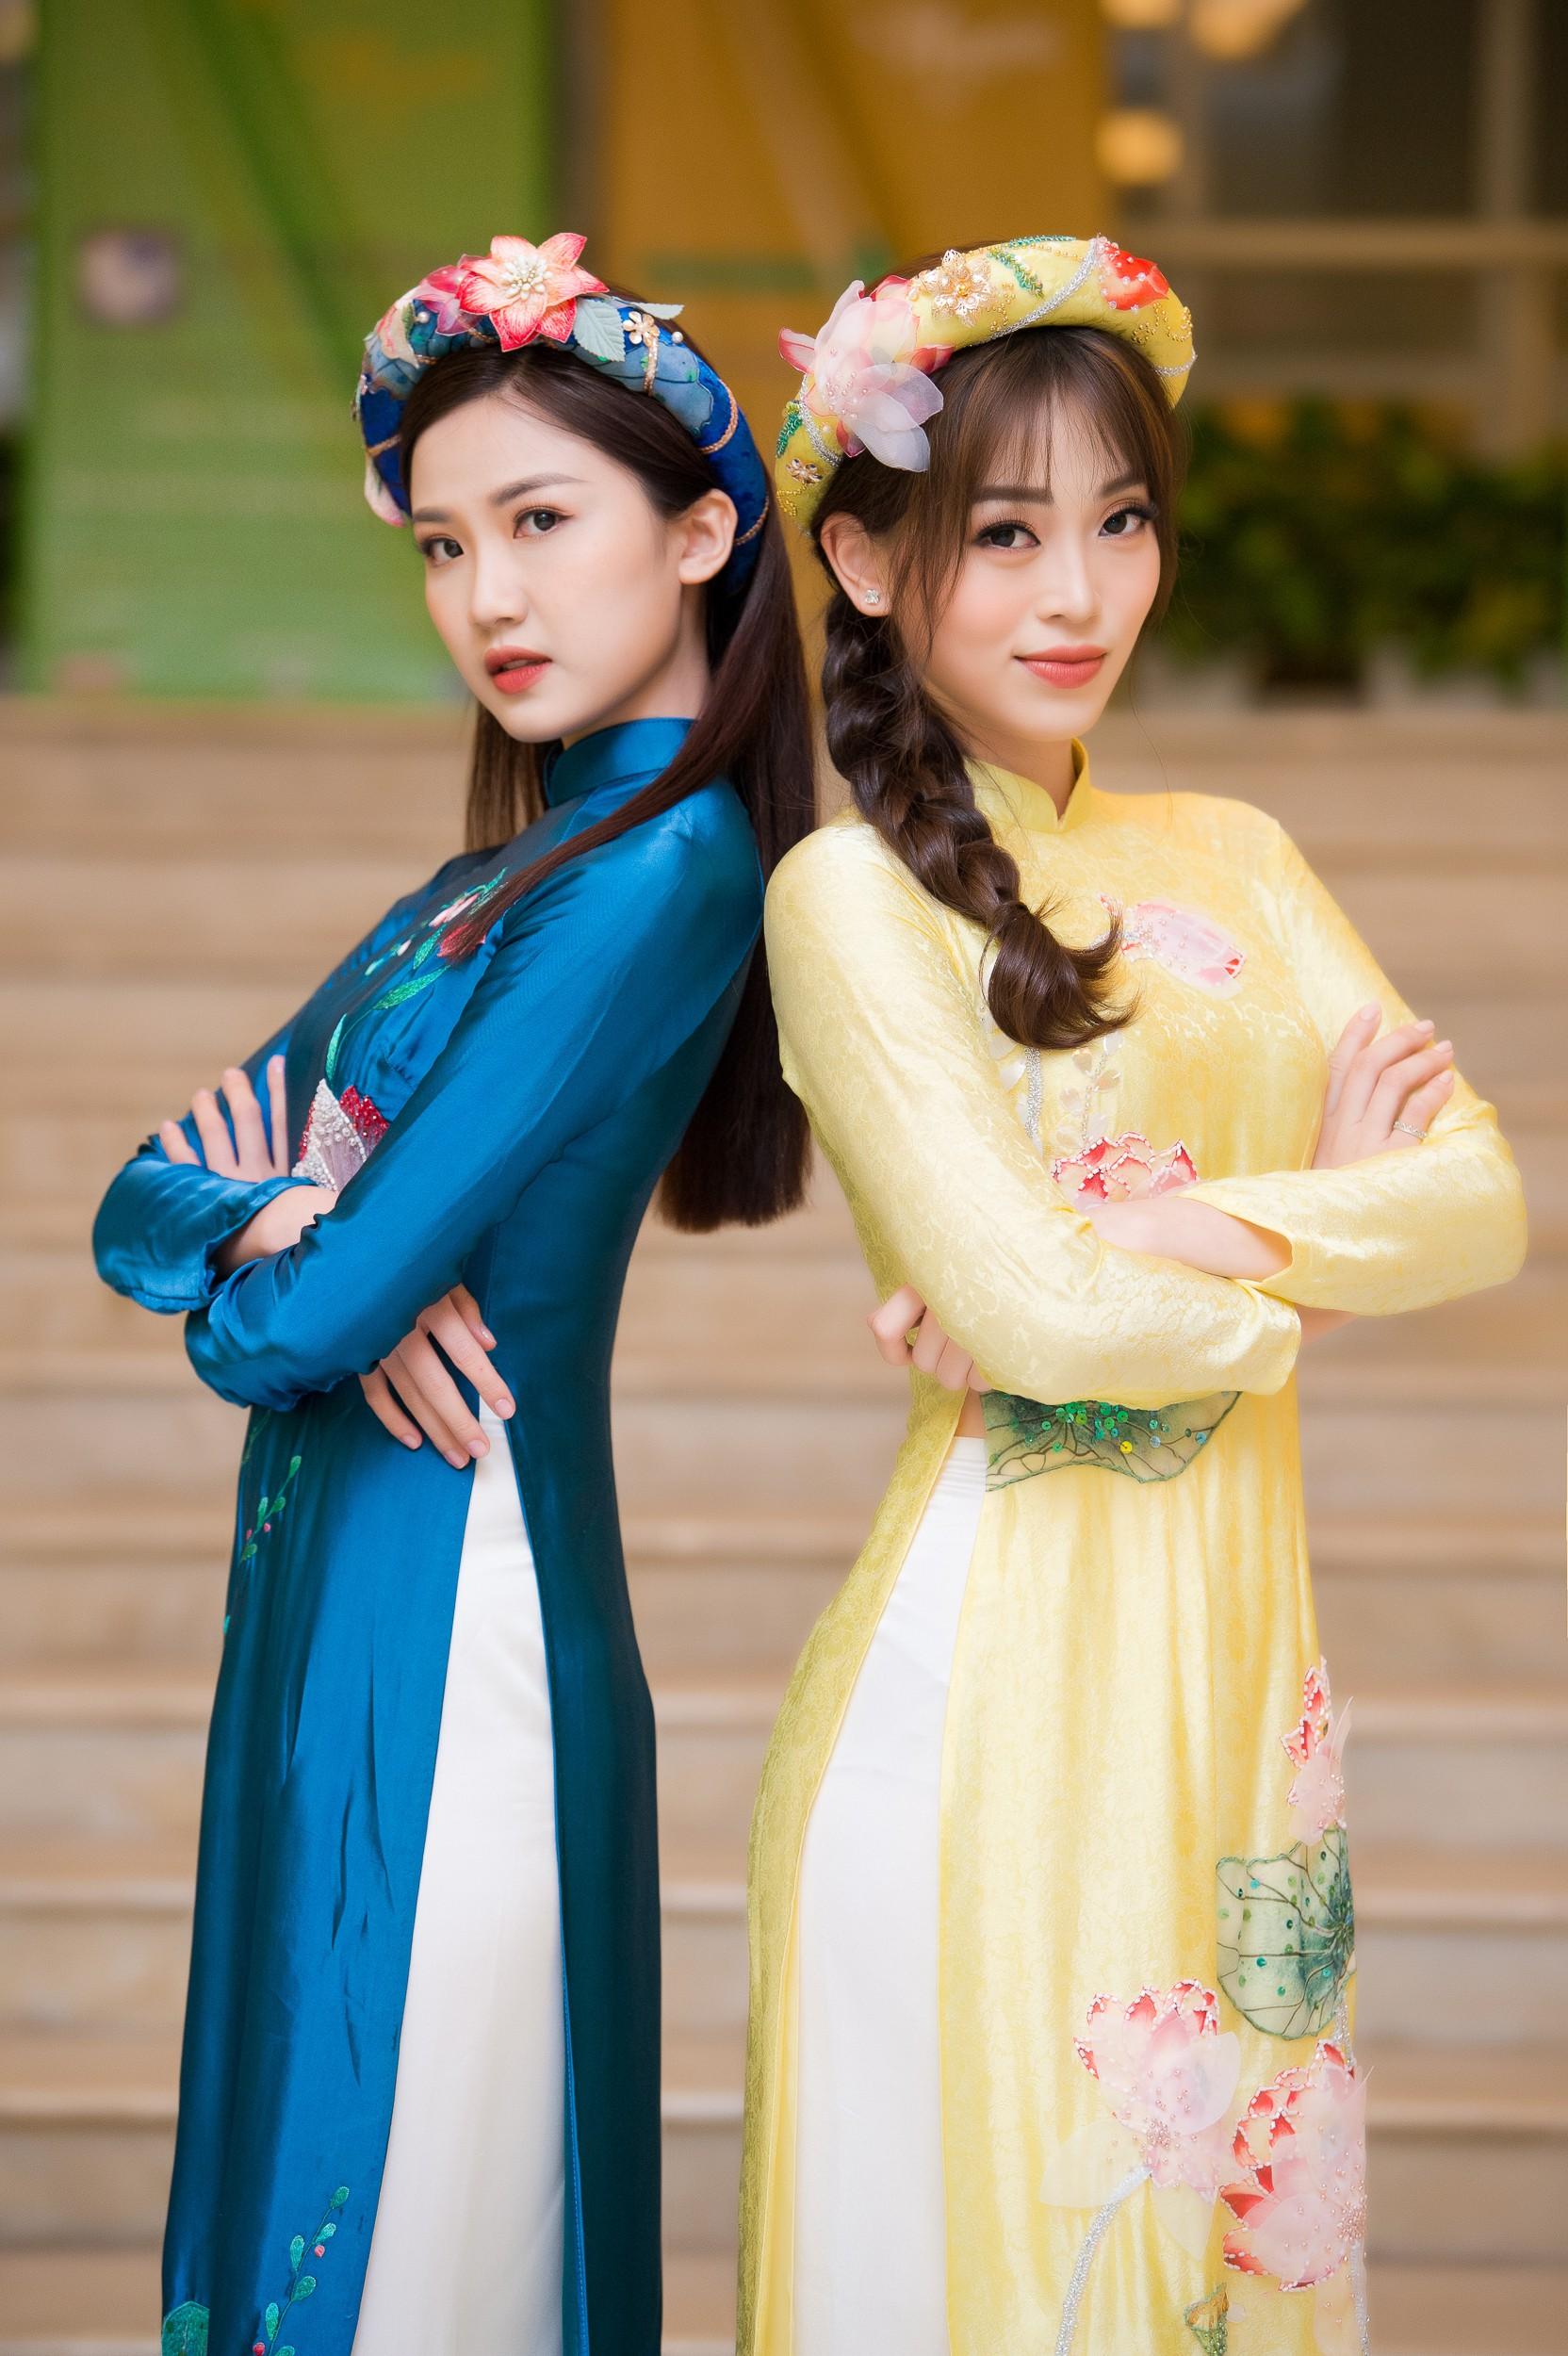 Phương Nga diện áo dài nền nã, thân thiết khi đụng độ bạn gái màn ảnh của Bình An - Ảnh 5.